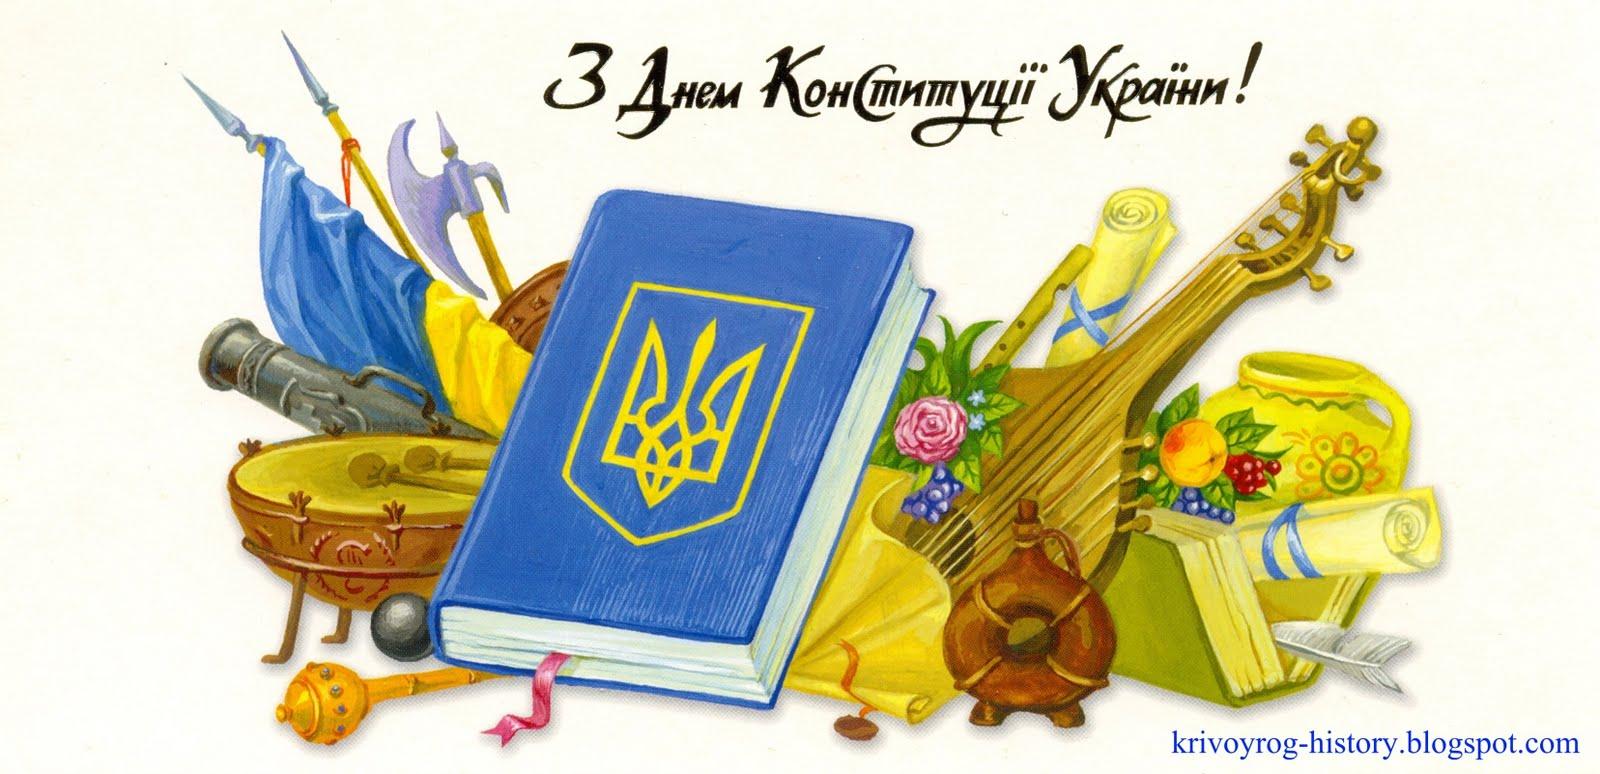 Поздравления с днем конституции украины картинки, днем